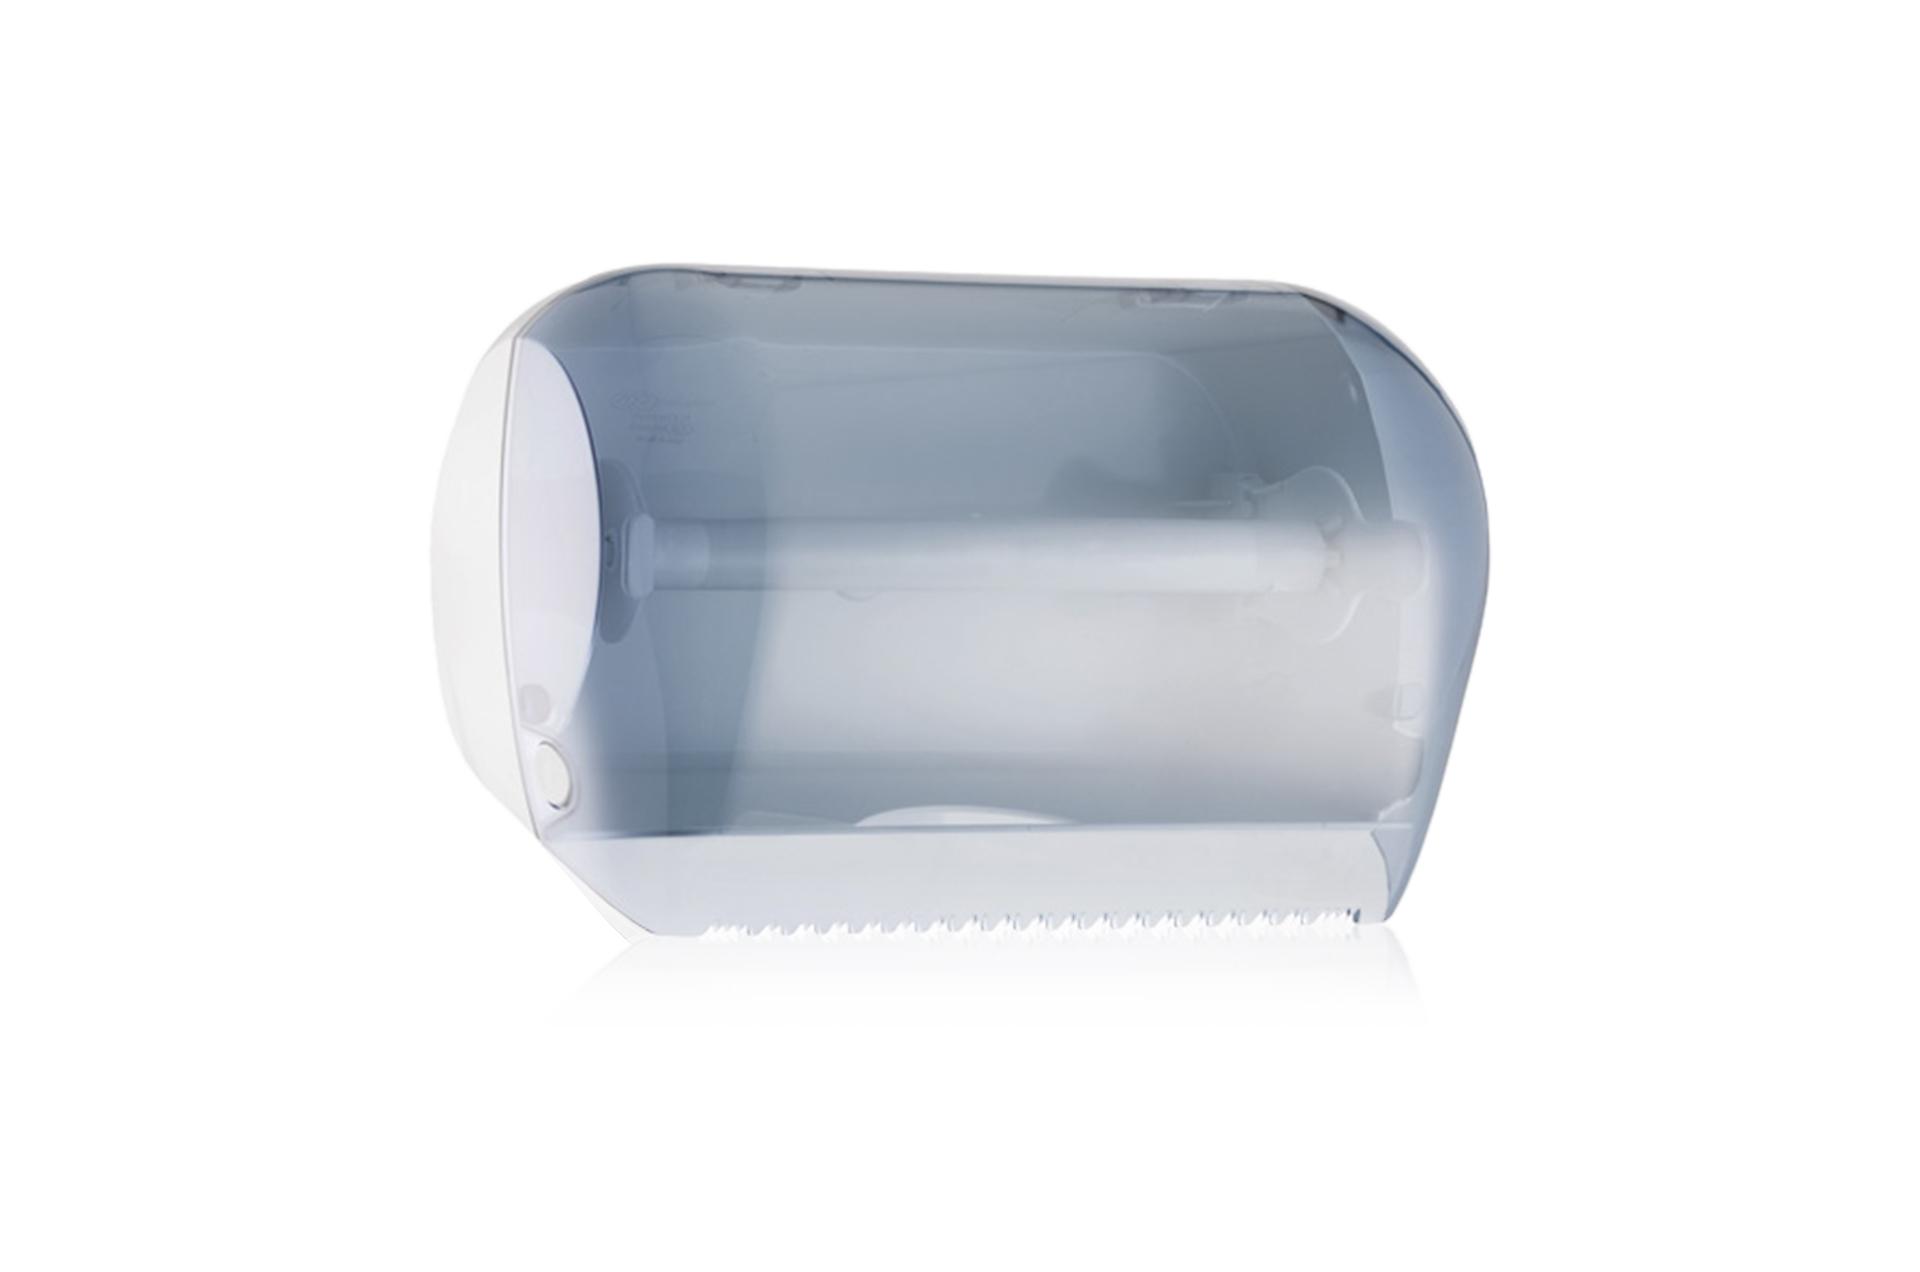 ica tissue_azienda trasformazione carta_veline facciali, asciugamani, lenzuolini medici, bobine industriali, fazzoletti, carta igienica